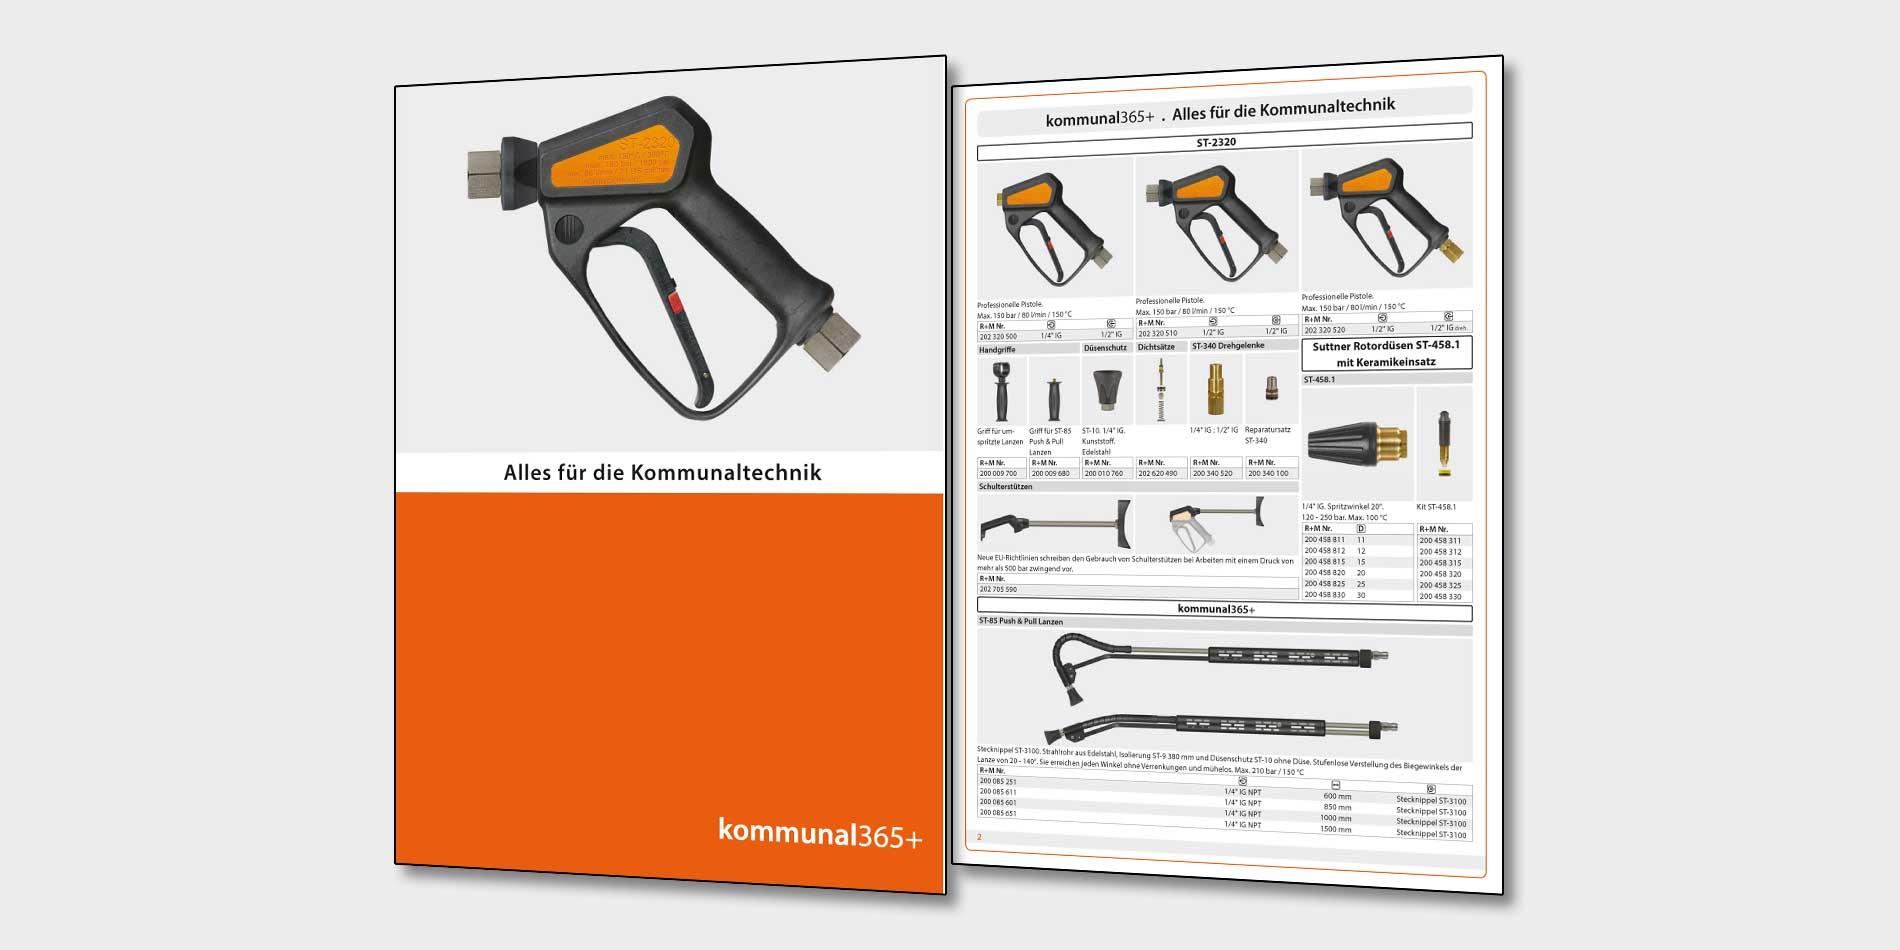 Die Broschüre kommunal365+ von R+M / Suttner: Alles für die Kommunaltechnik